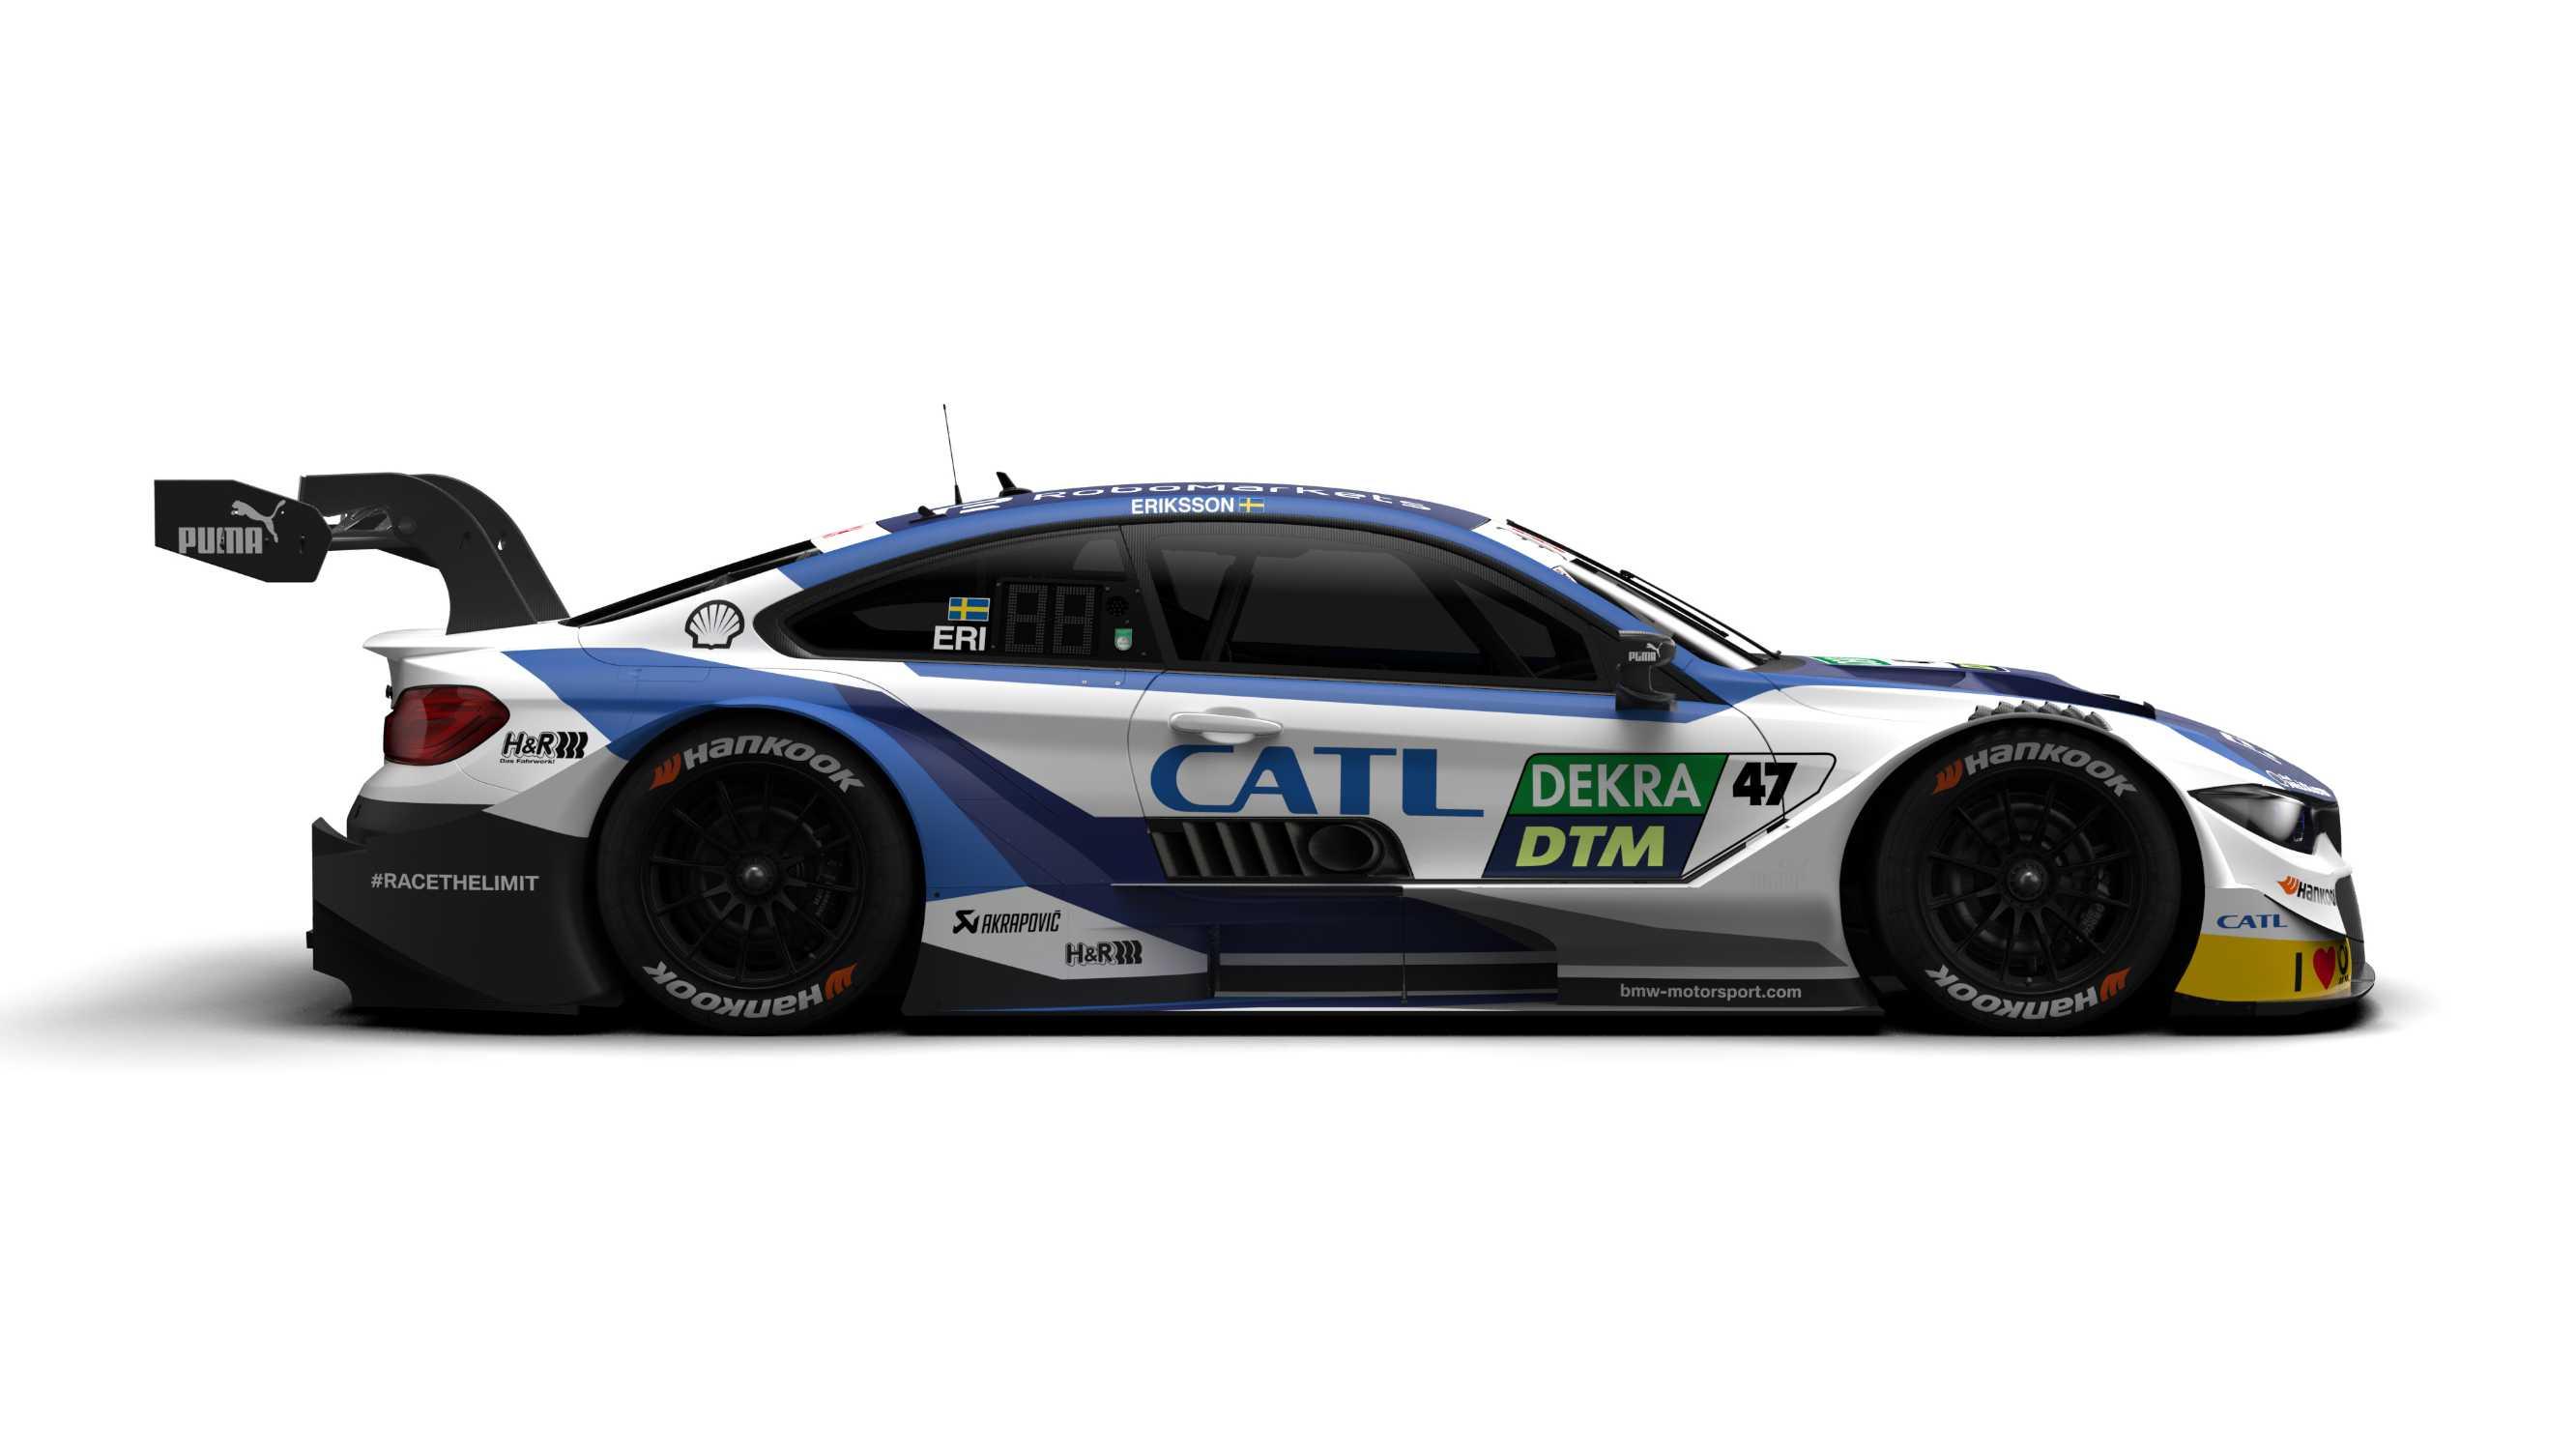 Bmw Motorsport News Issue 11 2019